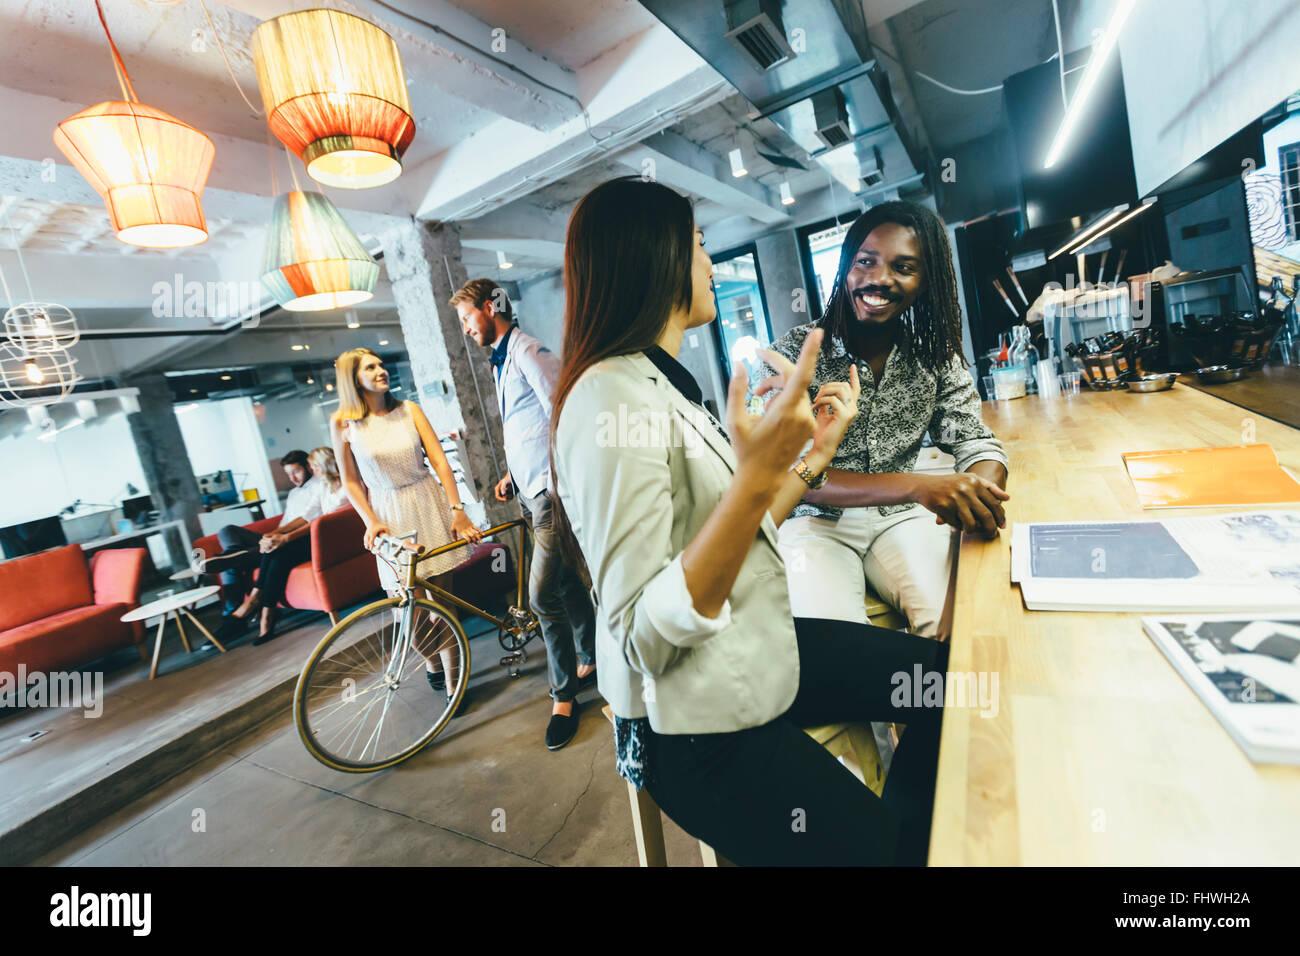 Café moderne, dynamique, la vie, les gens et la diversité Banque D'Images